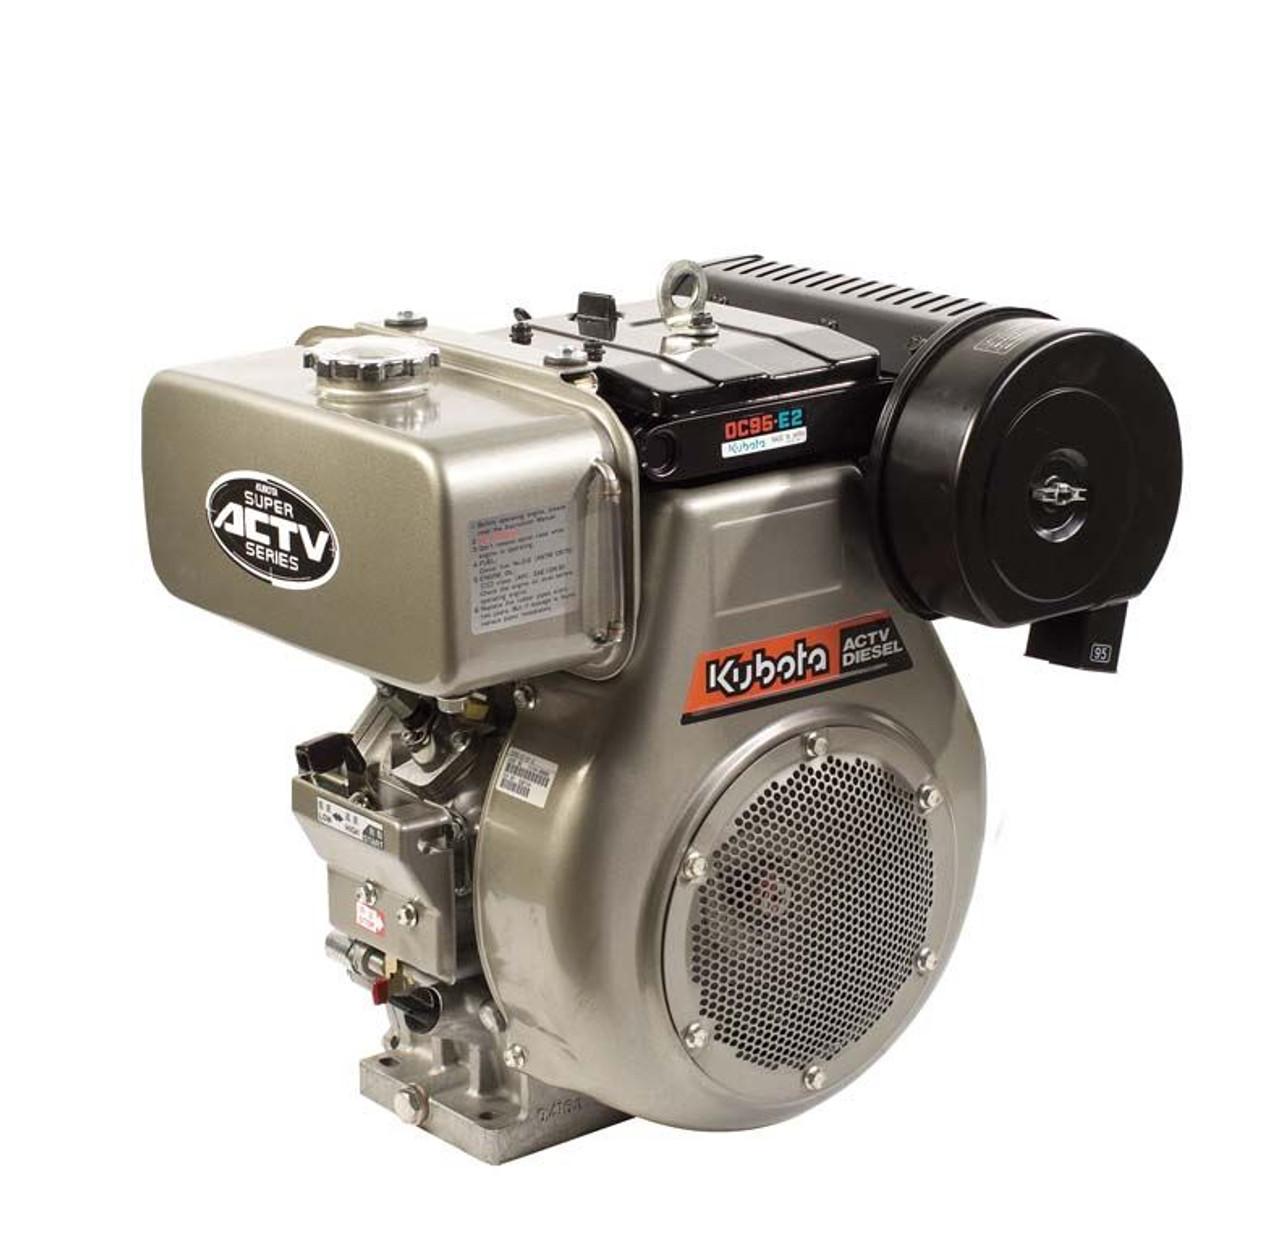 Kubota Engine OC 95 9.5HP